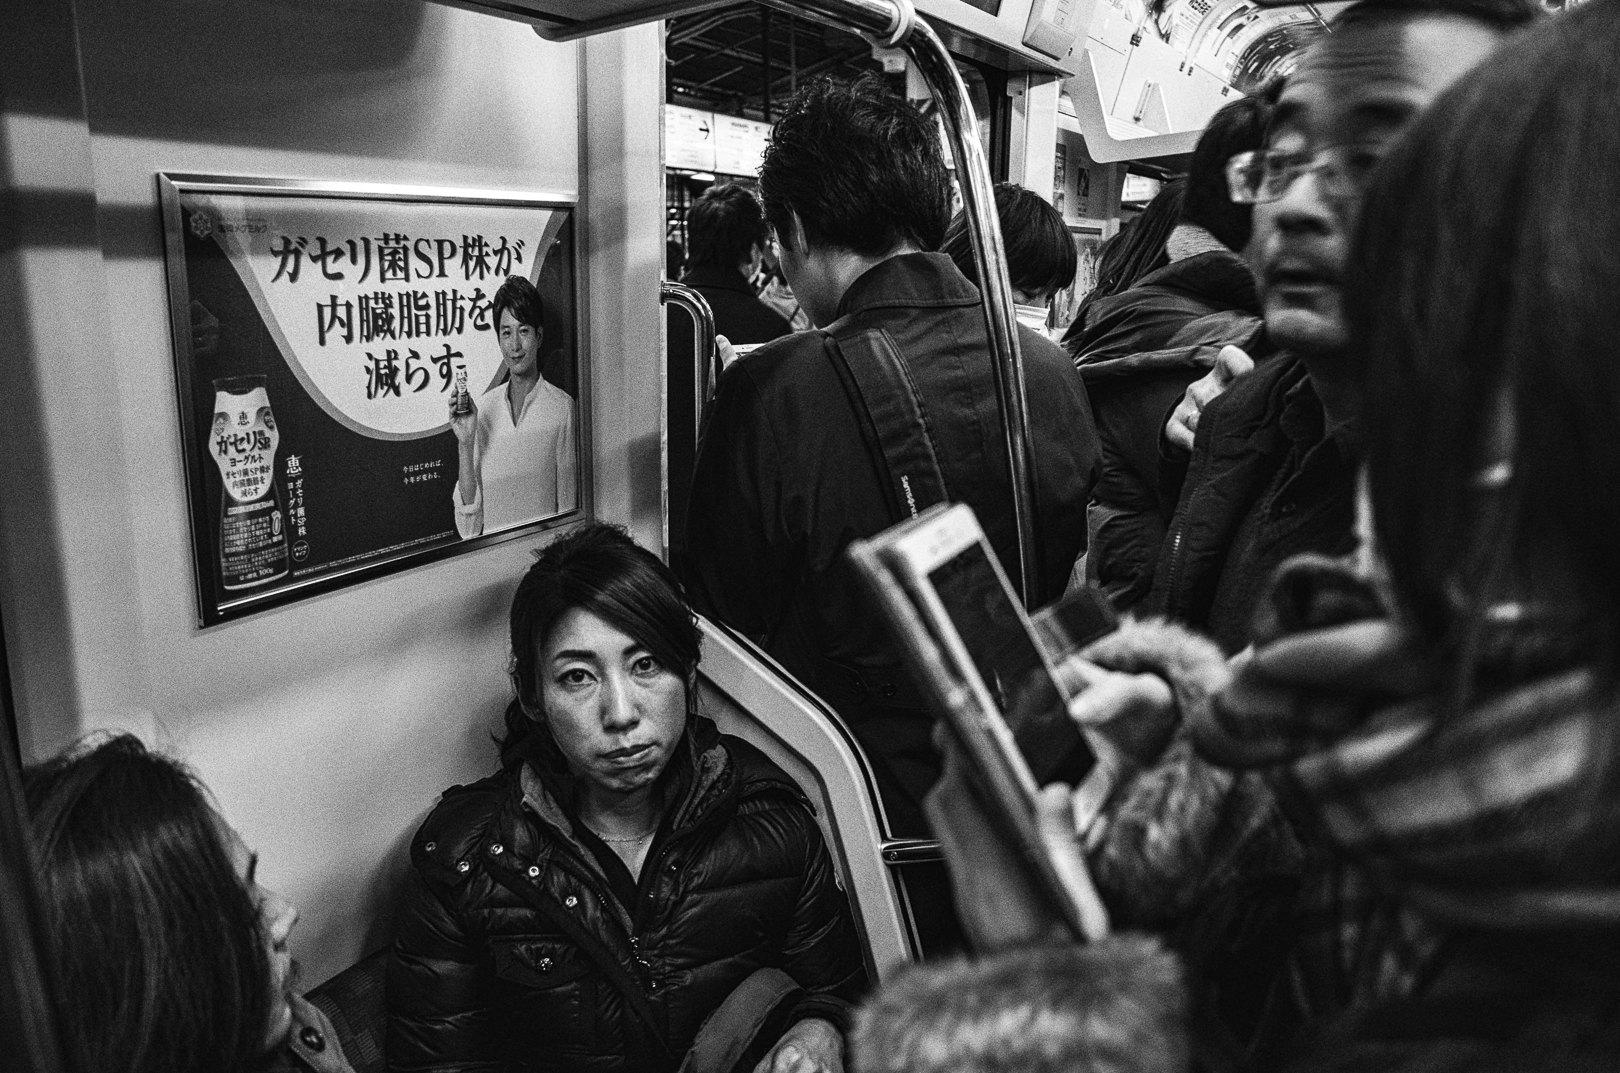 Metro, Tokyo